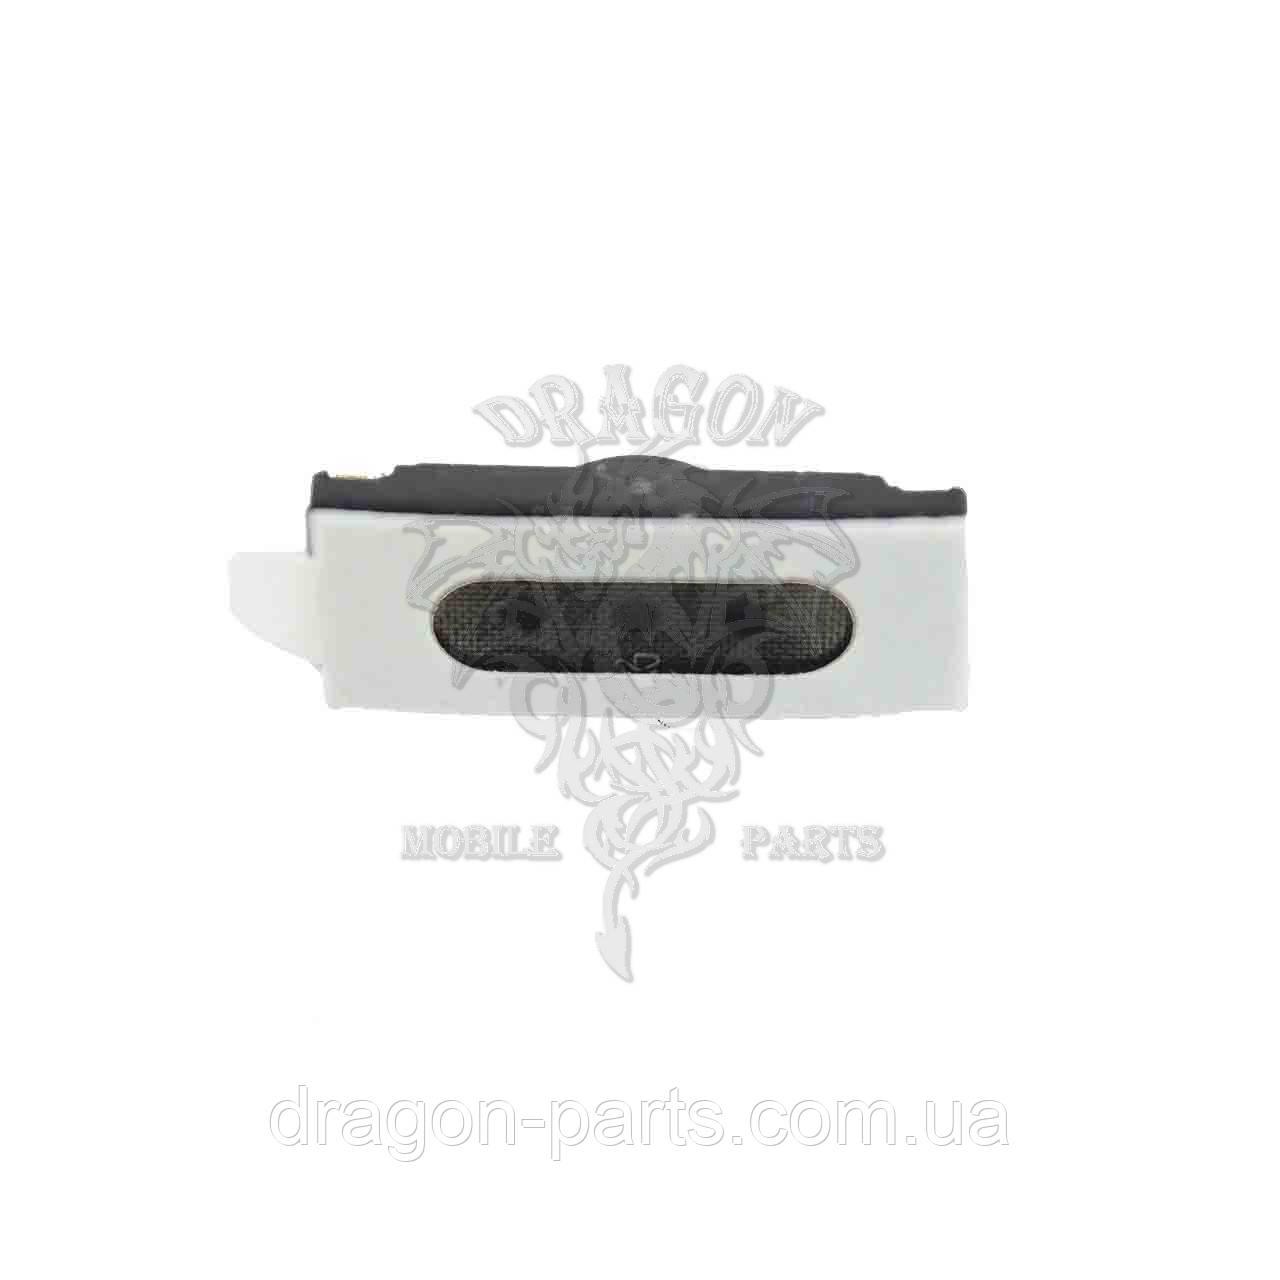 Розмовний динамік Nomi C101030 Ultra 3 LTE, оригінал